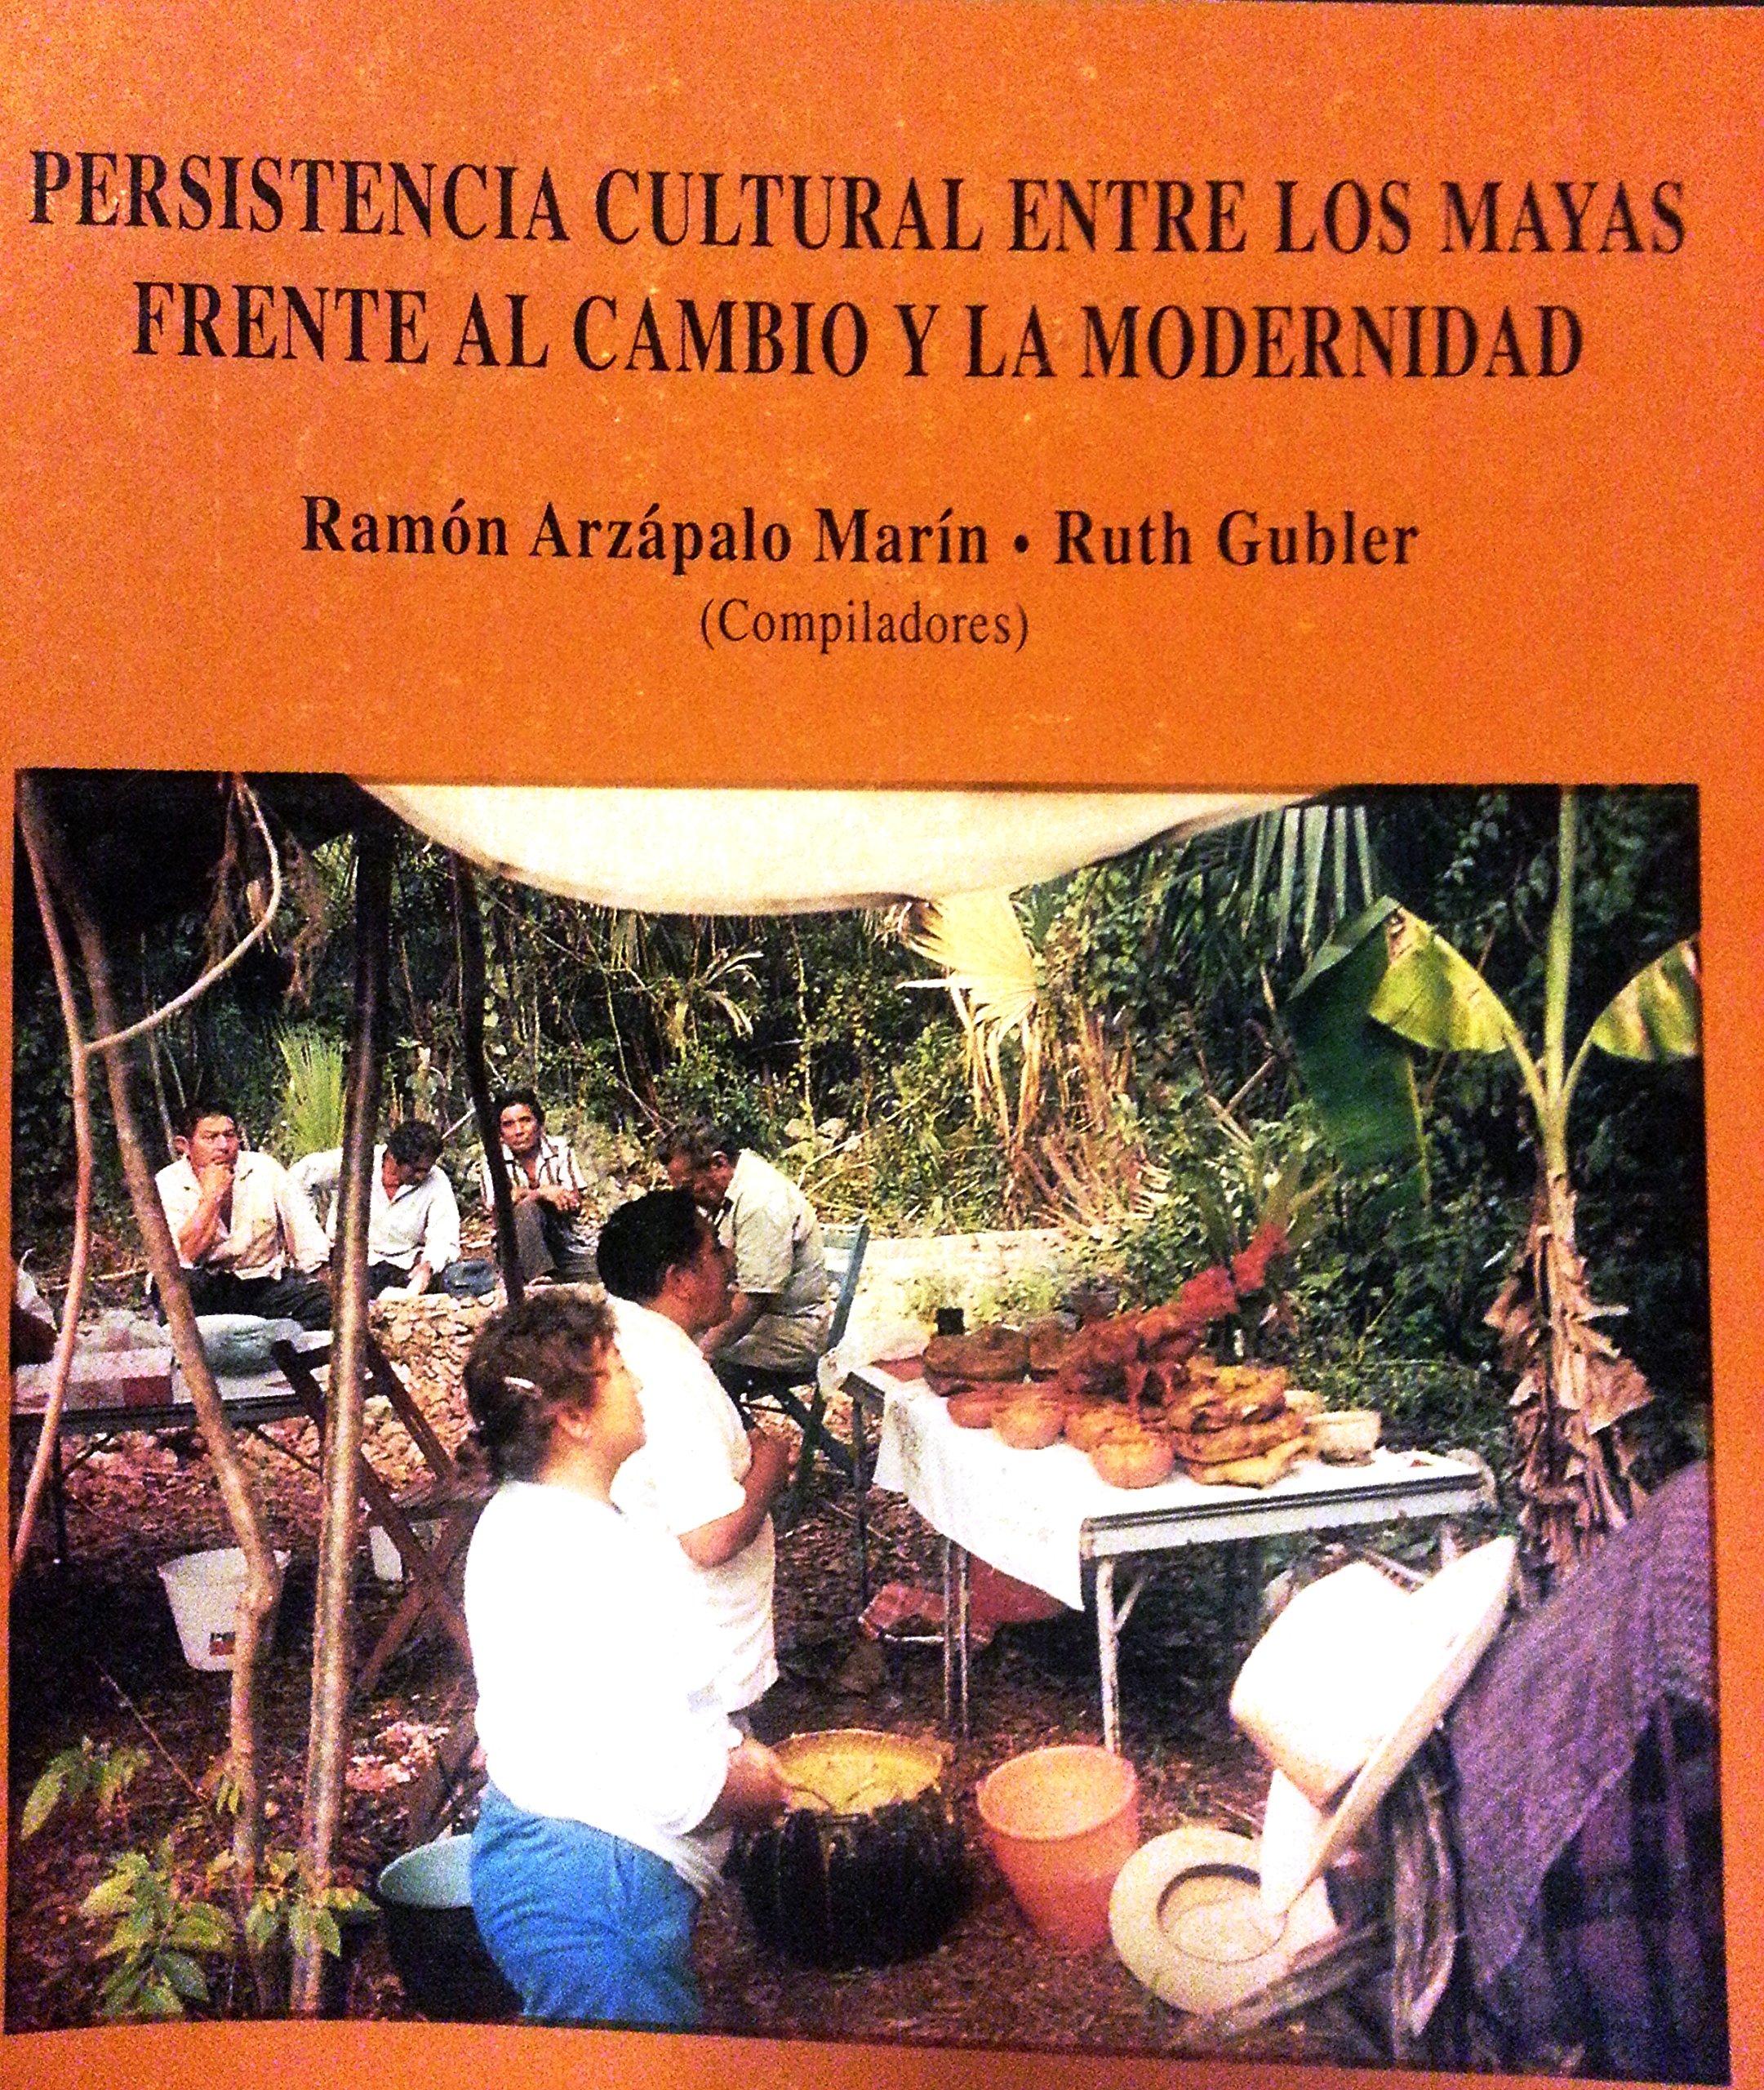 Persistencia cultural entre los mayas frente al cambio y la modernidad (Memorias) (Spanish Edition)